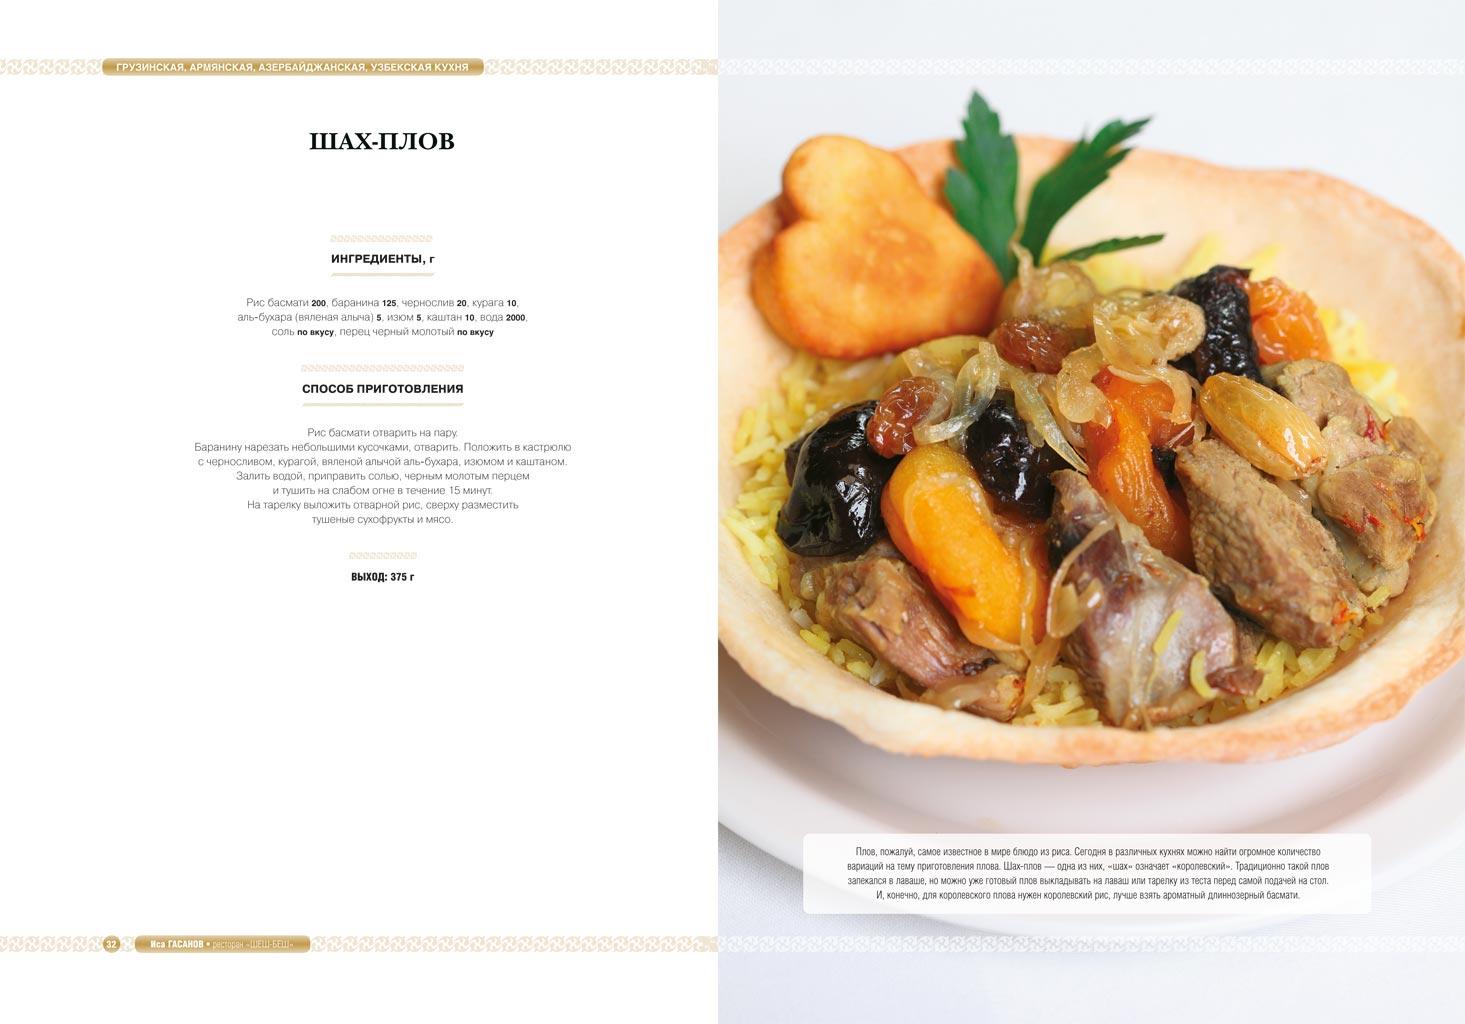 рецепты блюд профессиональной кухни с фото